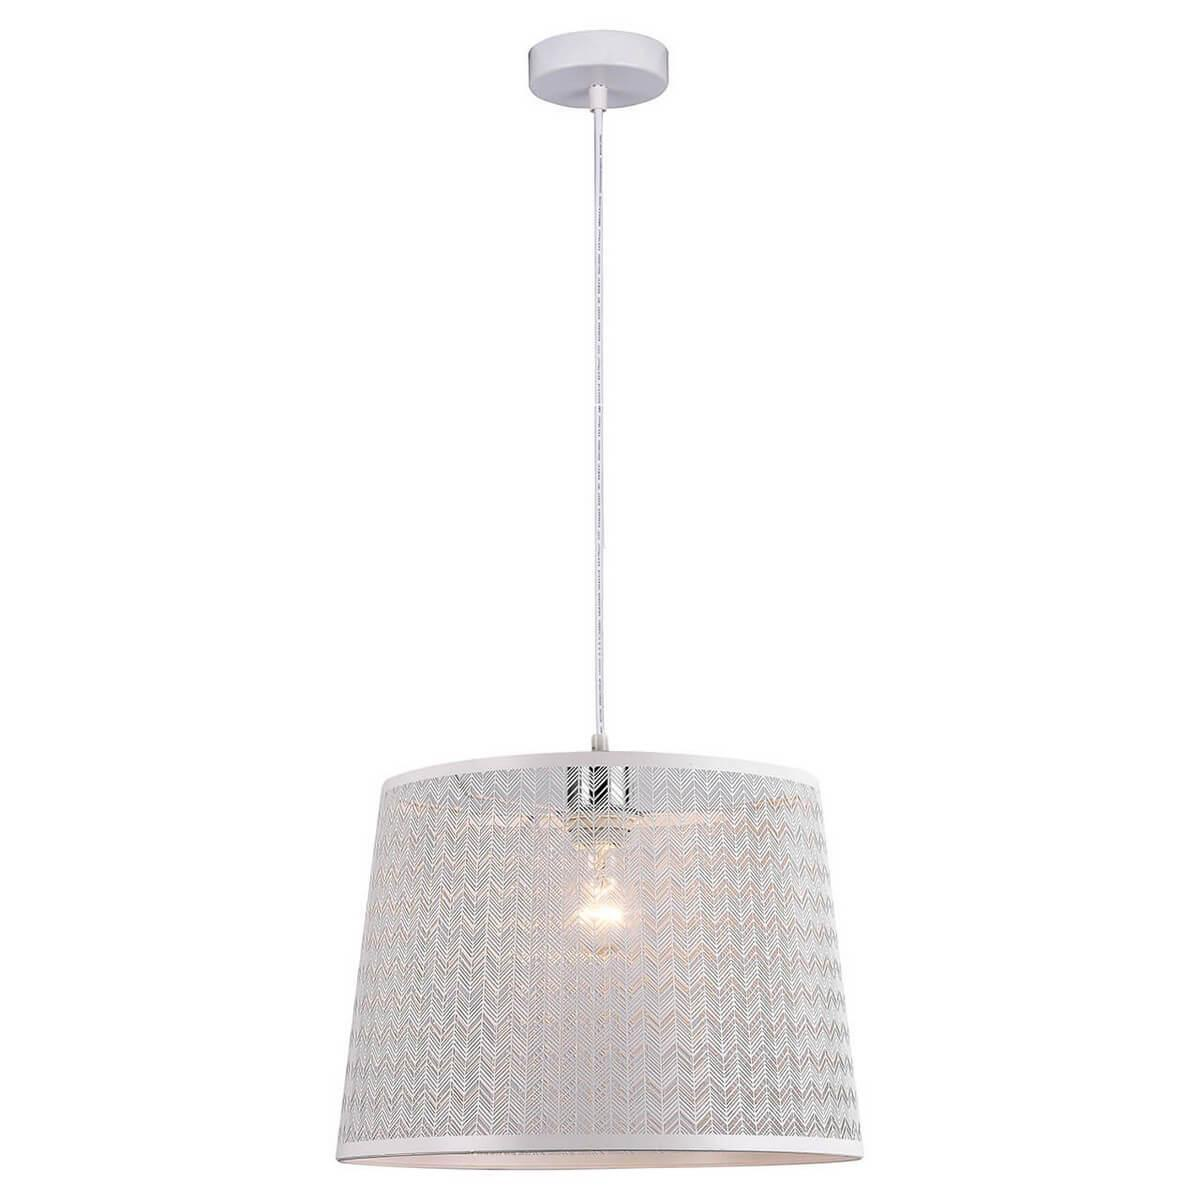 Подвесной светильник Lussole GRLSP-9961, E27, 11 Вт подвесной светильник lussole grlsp 9876 медь